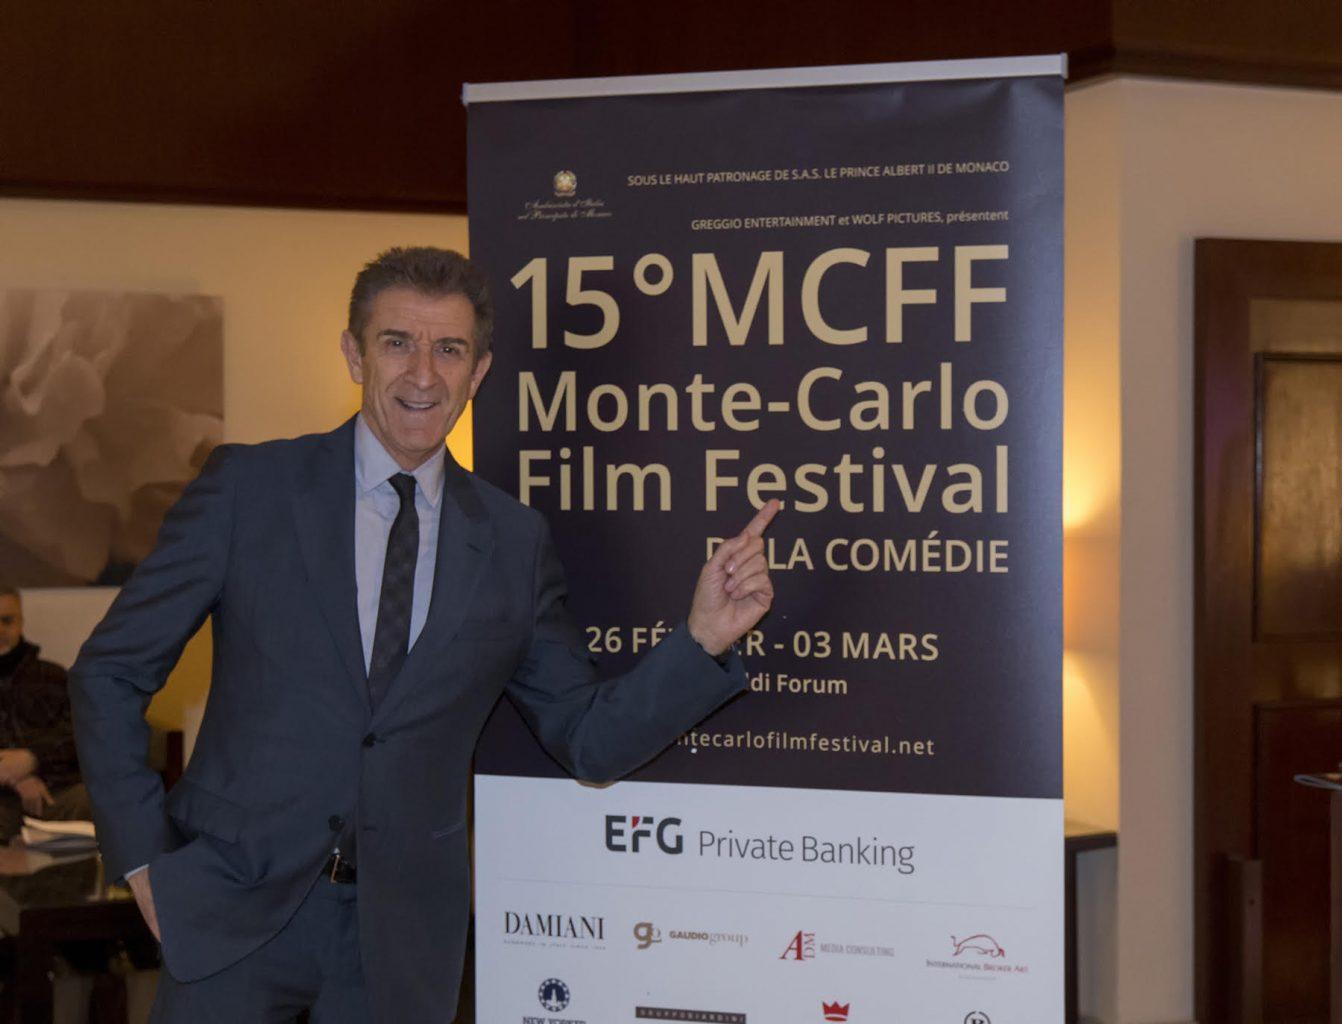 Ezio Greggio Montecarlo Film Festival